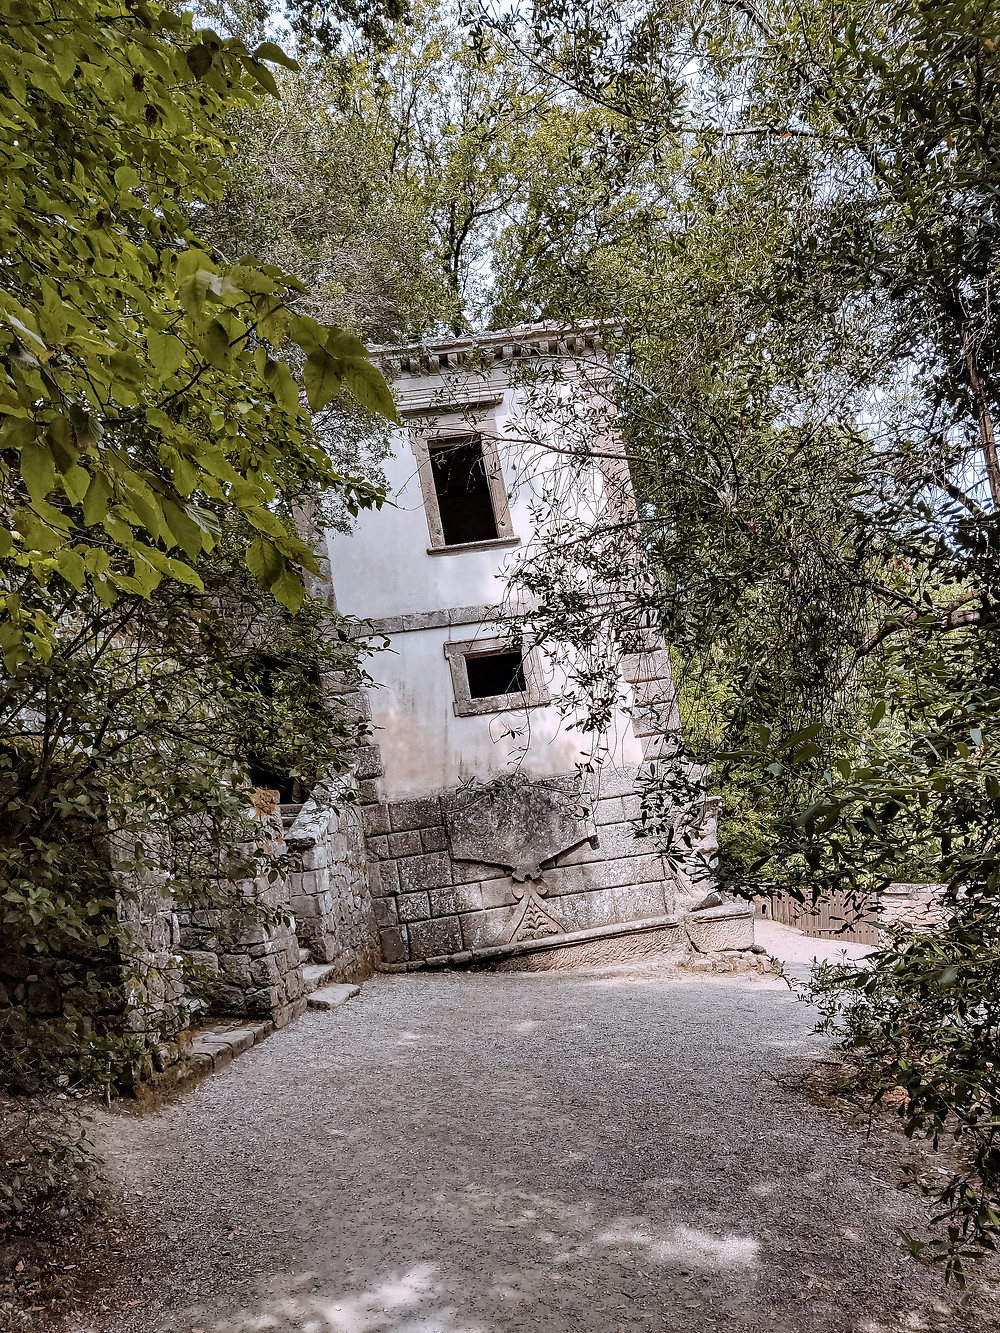 La Casa Pendente all'interno del Parco Dei Mostri di Bomarzo, Viterbo.